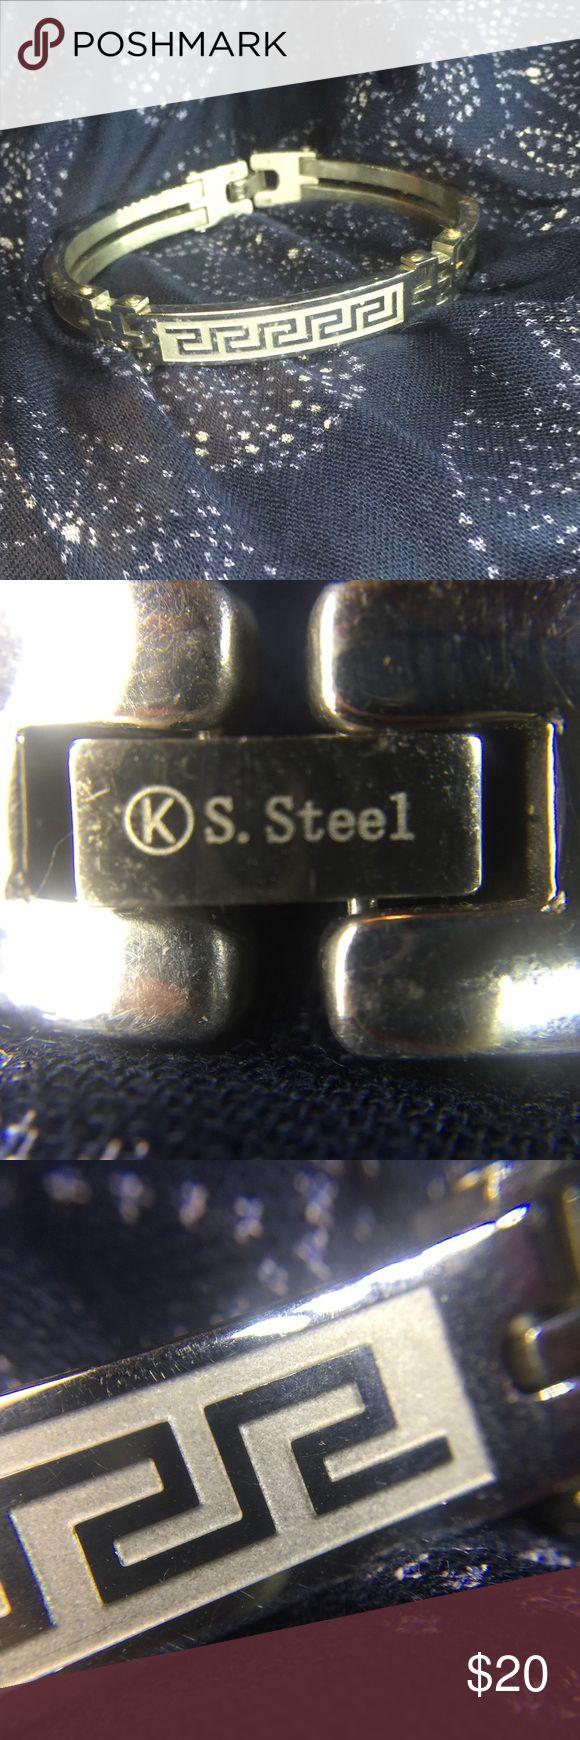 Men's bracelet Men's stainless steel bracelet with geometric pattern. Accessories Jewelry